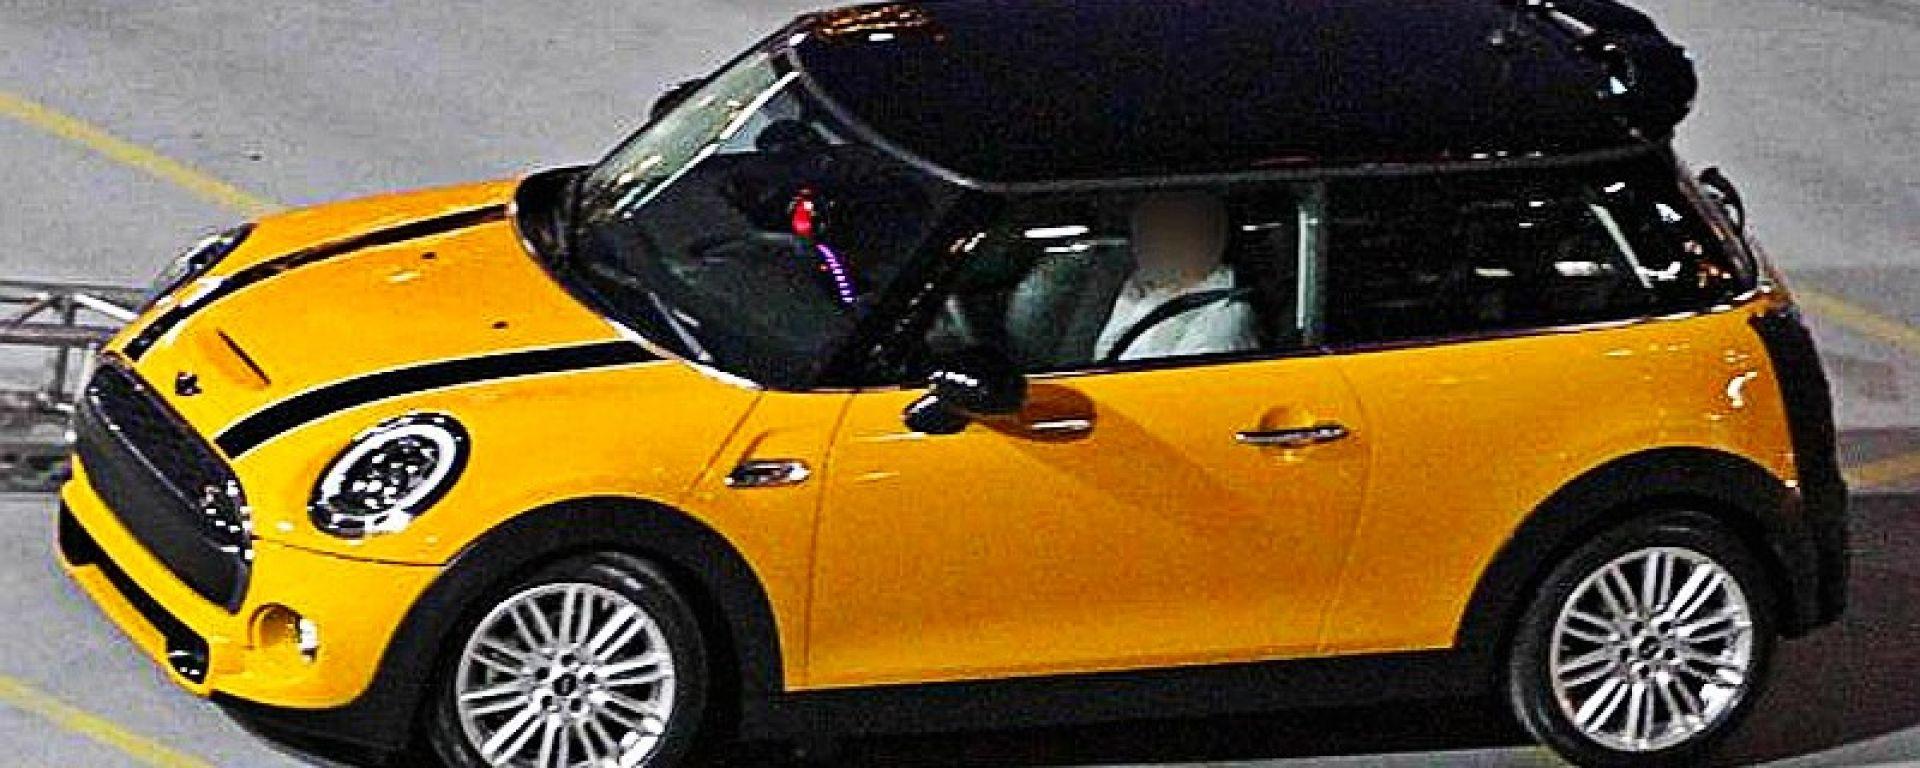 Mini Cooper S 2014, le foto-spia